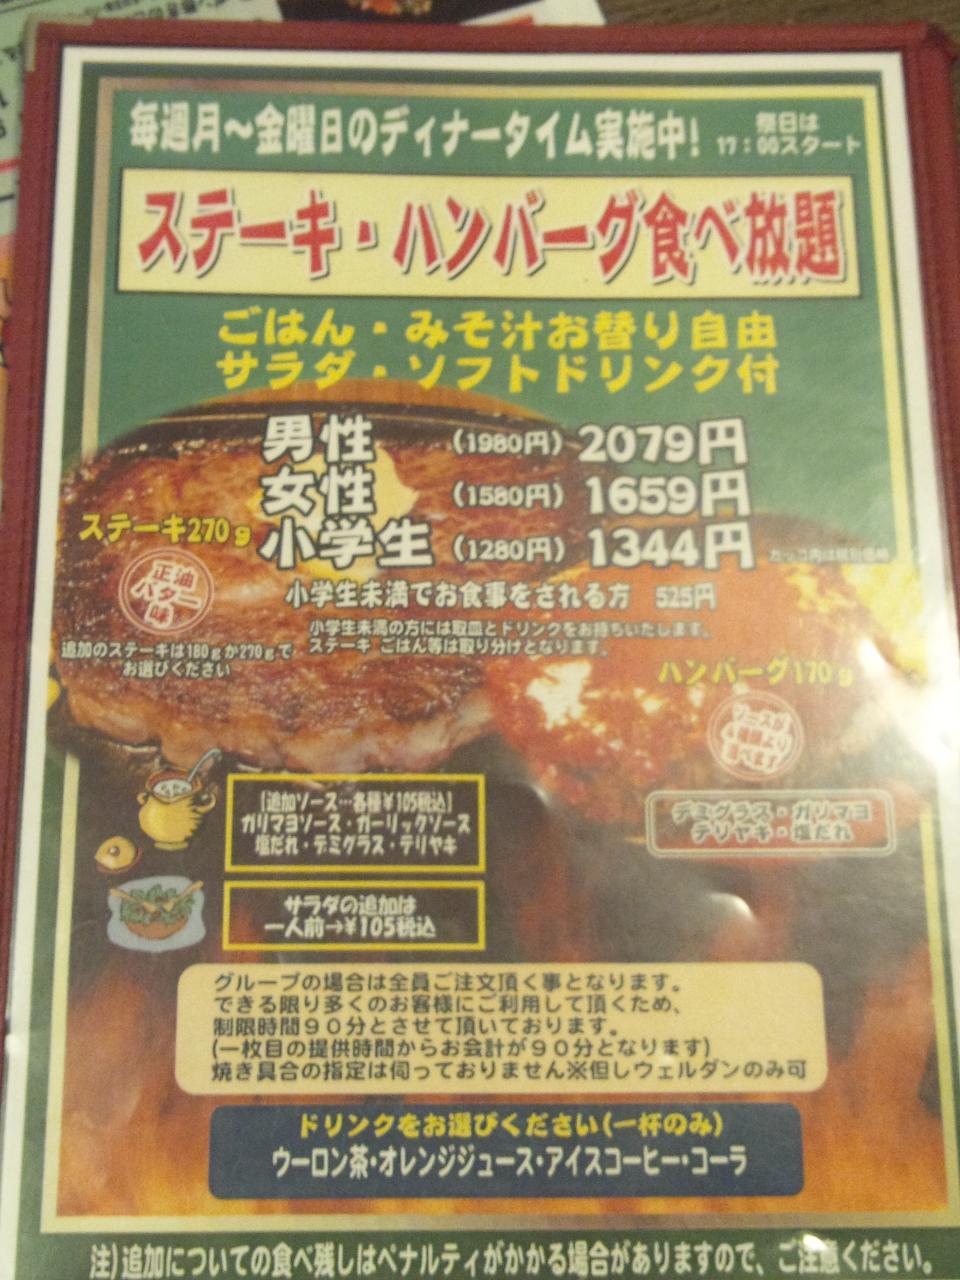 すてーき亭武蔵小金井店(メニュー)